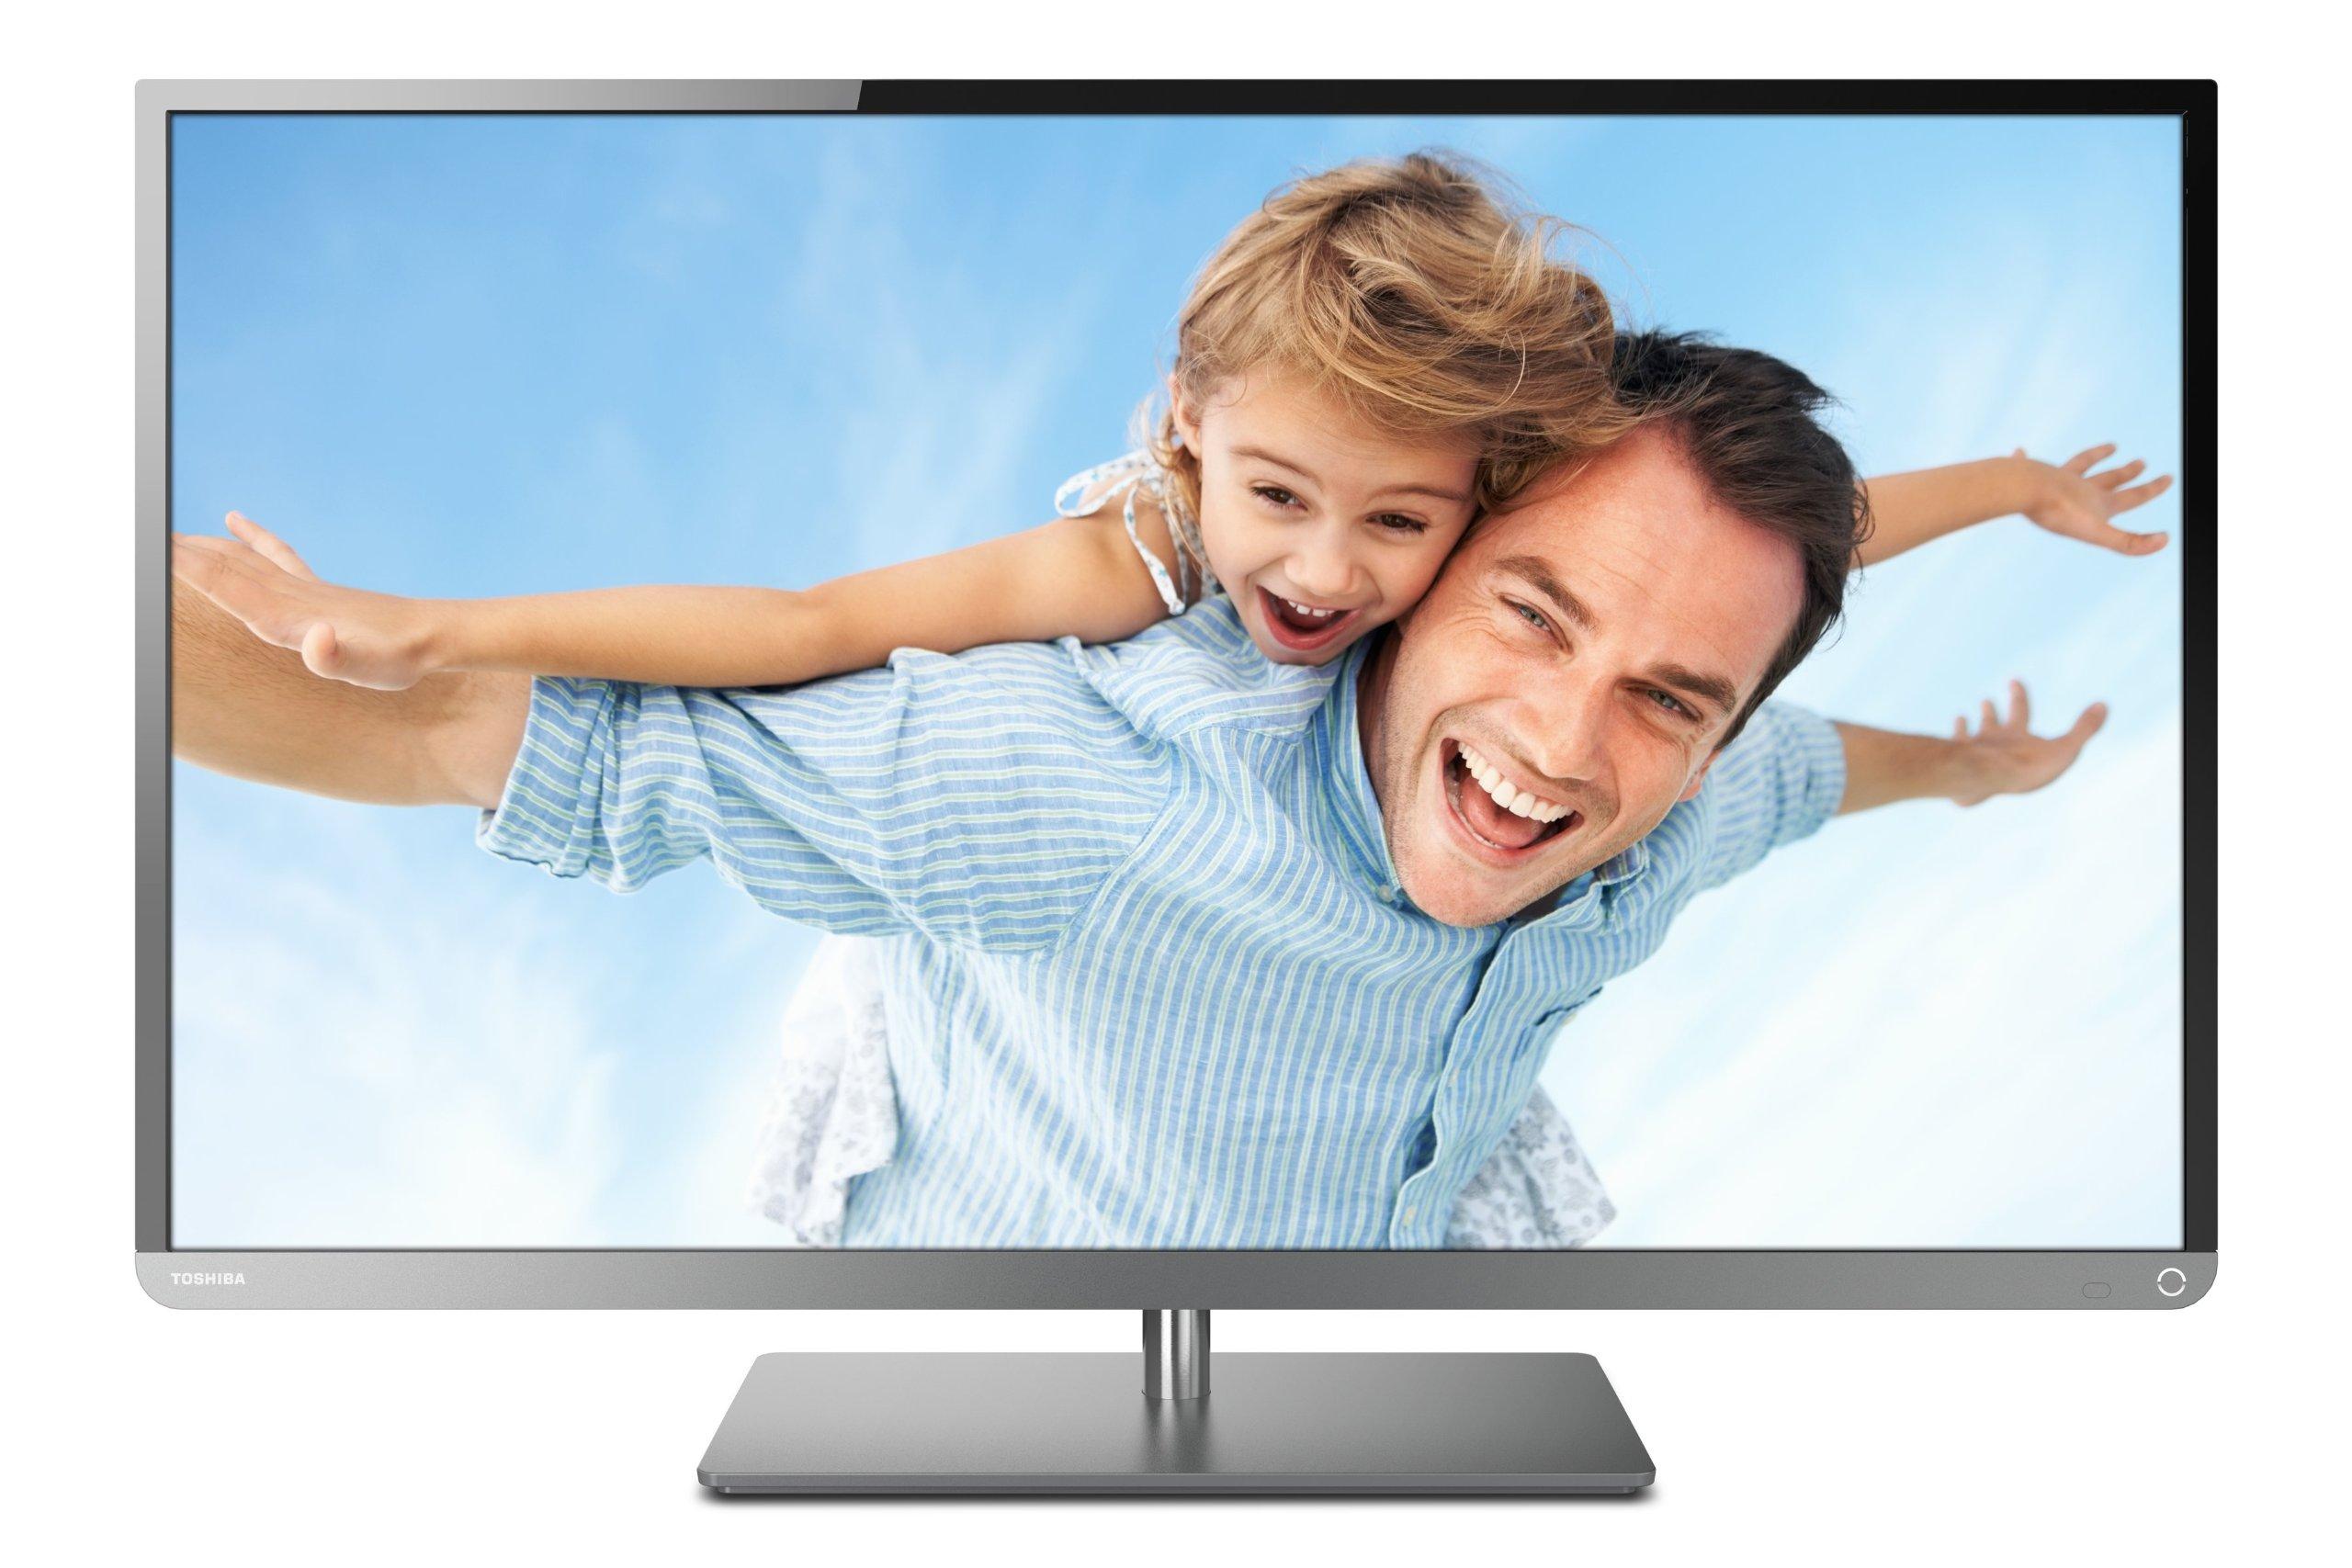 Toshiba 32L2300U LED TV - Televisor (81,28 cm (32